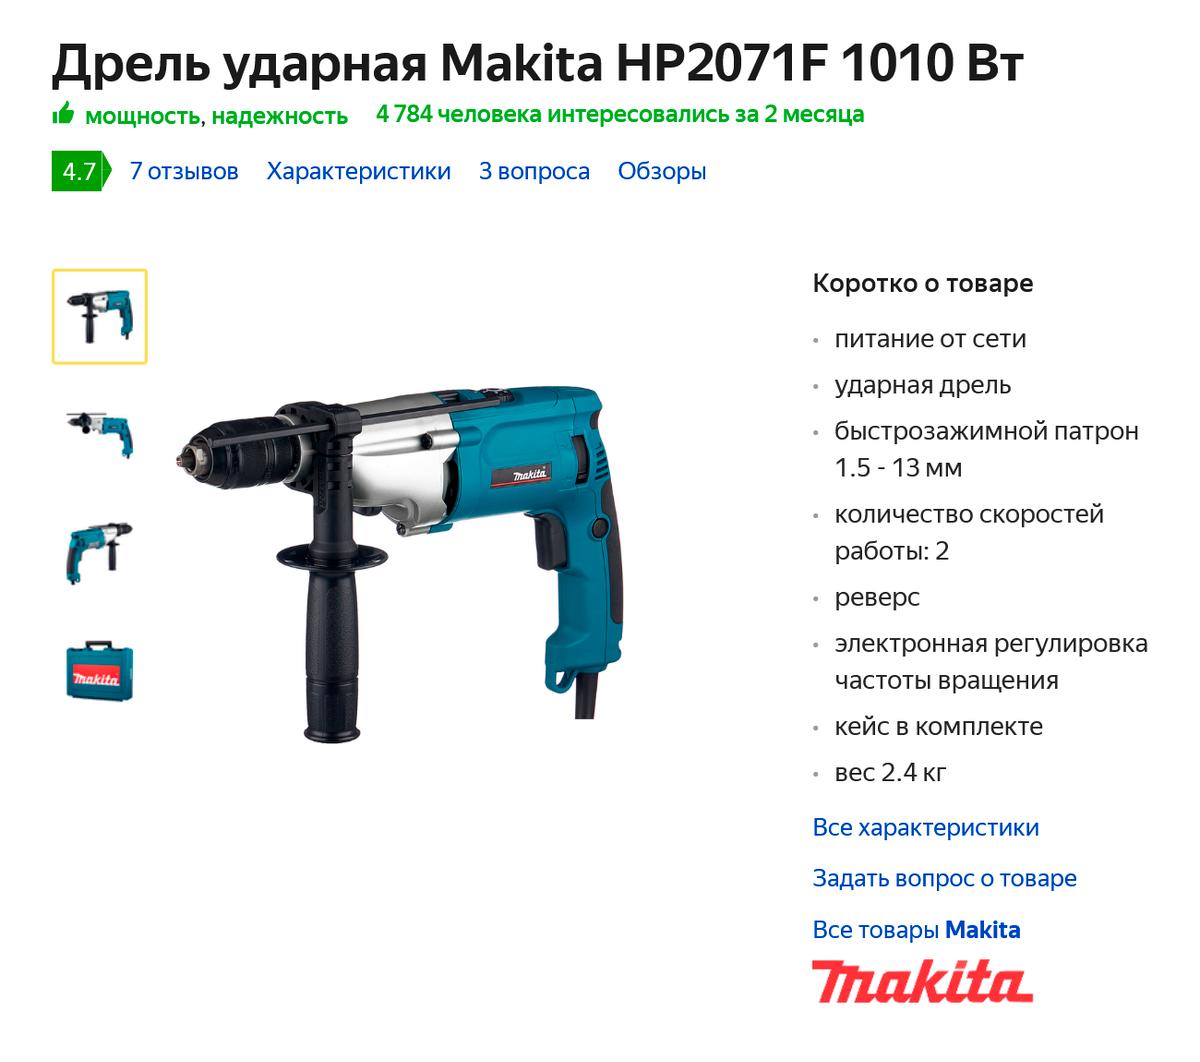 Спойлер: в итоге на следующей неделе я купил тестю вот такую дрель за 13 000<span class=ruble>Р</span>, в траты не вношу